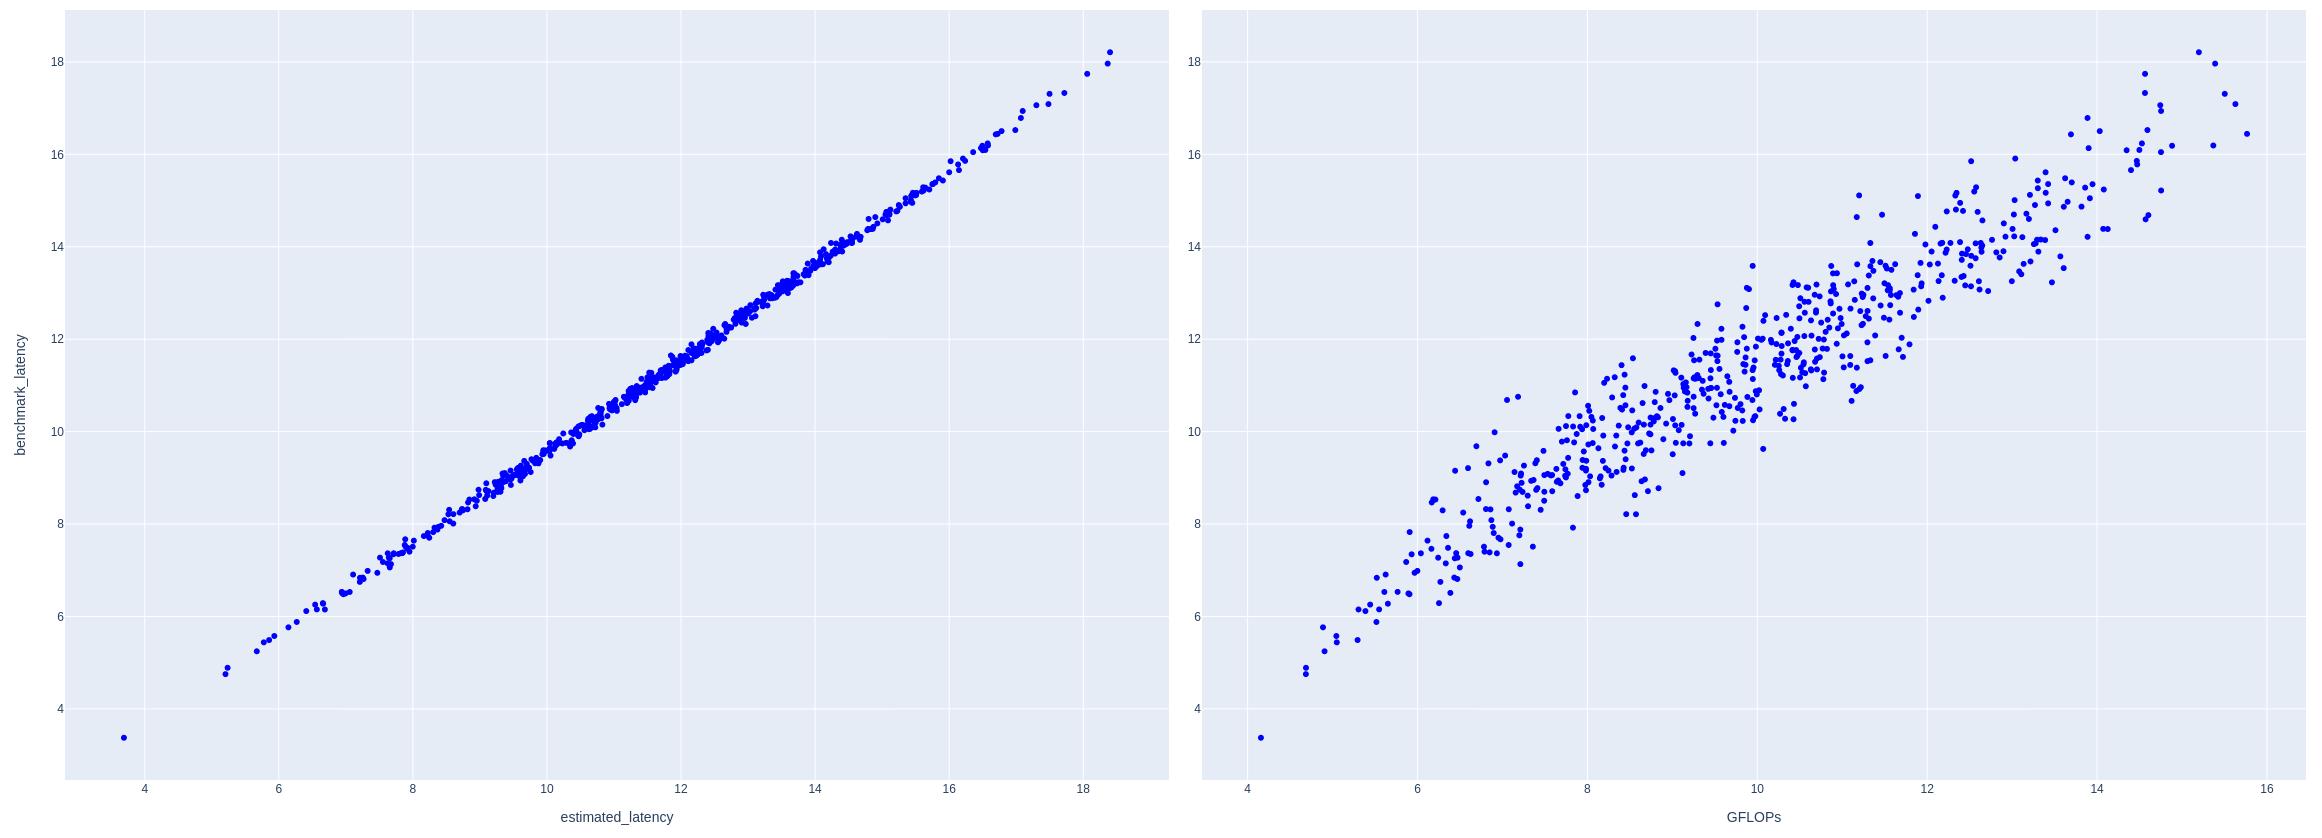 レイテンシの推定値と実測値の相関度合い